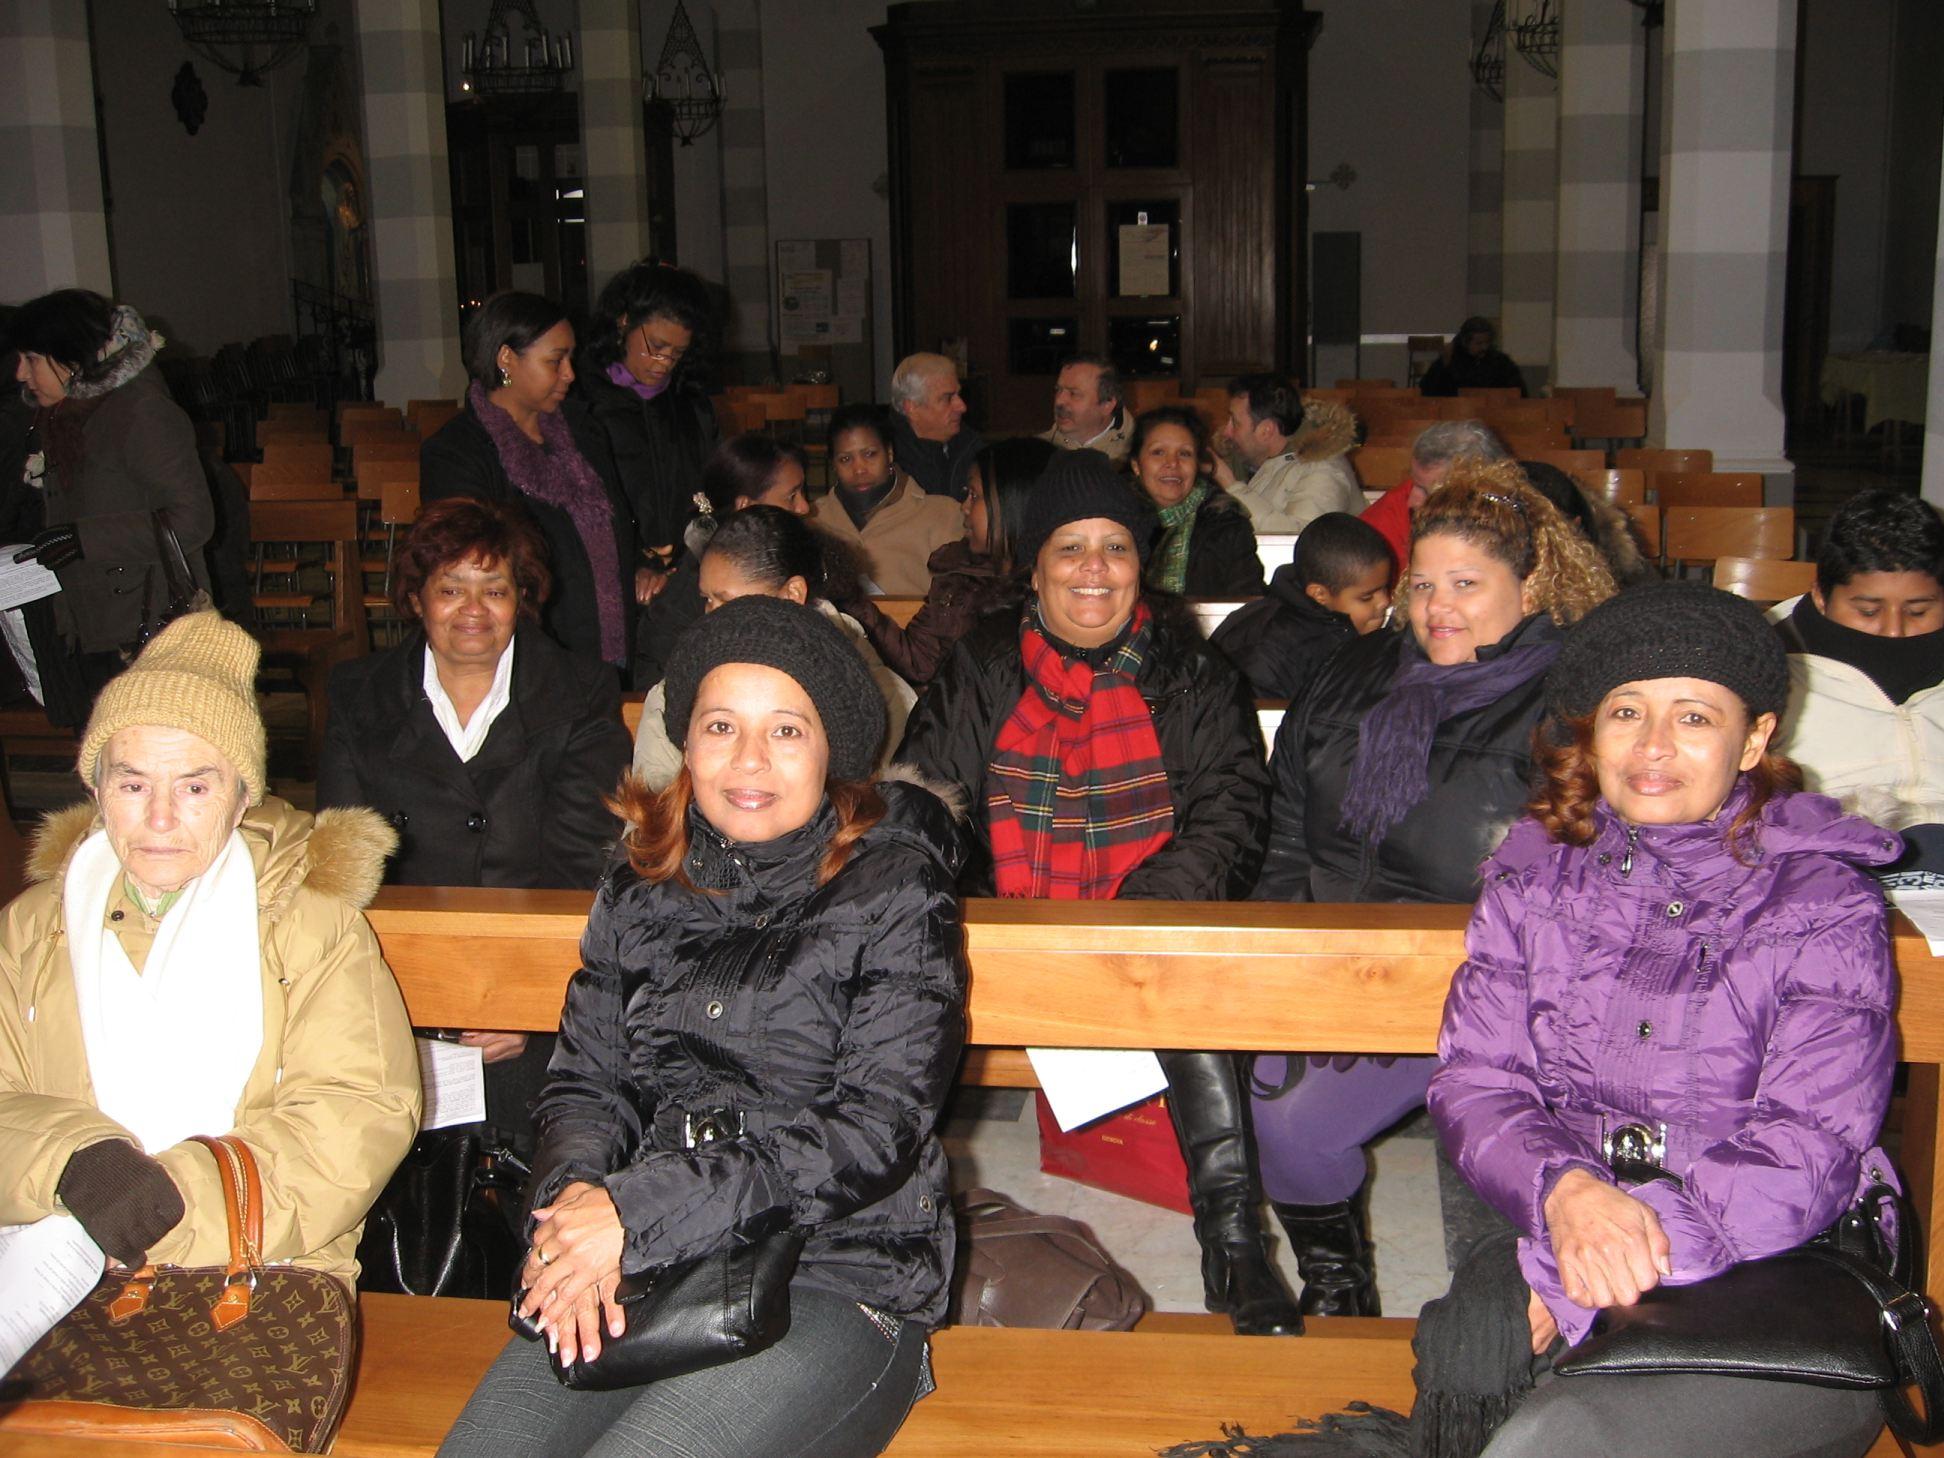 Dominicani-2009-12-20--17.42.12